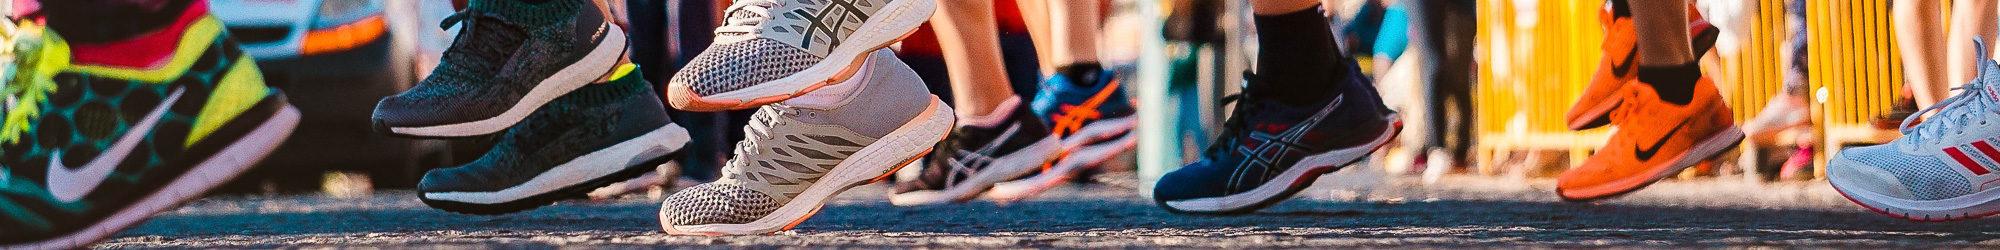 Füße mit Turnschuhen beim Laufevent